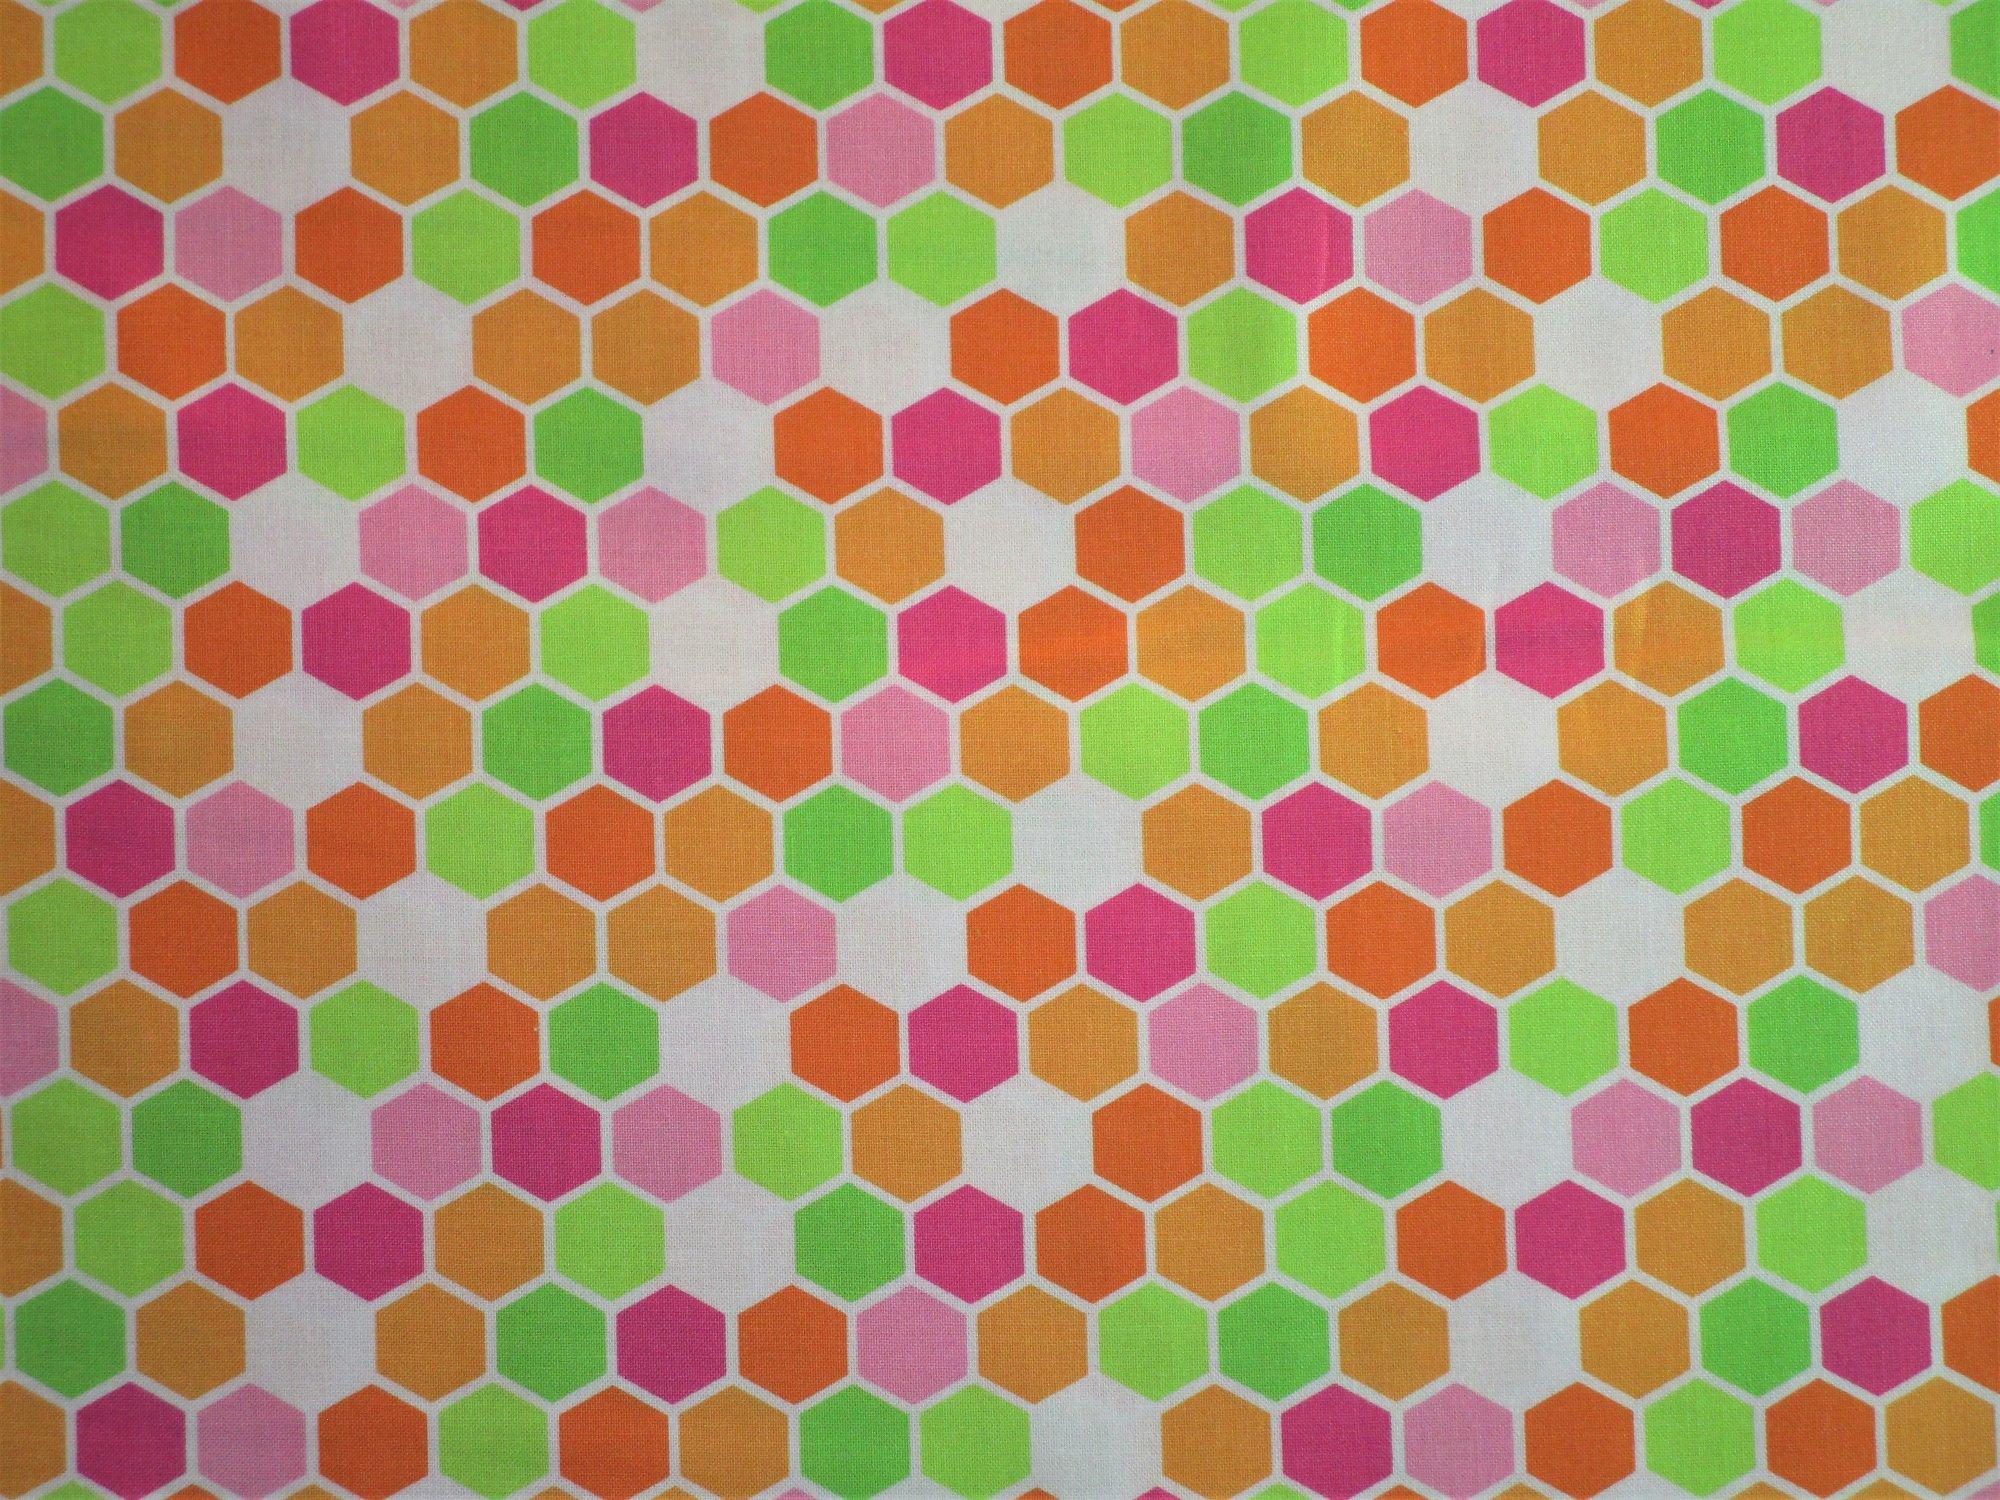 Brighten Up 22287-20 Warm Hexagons